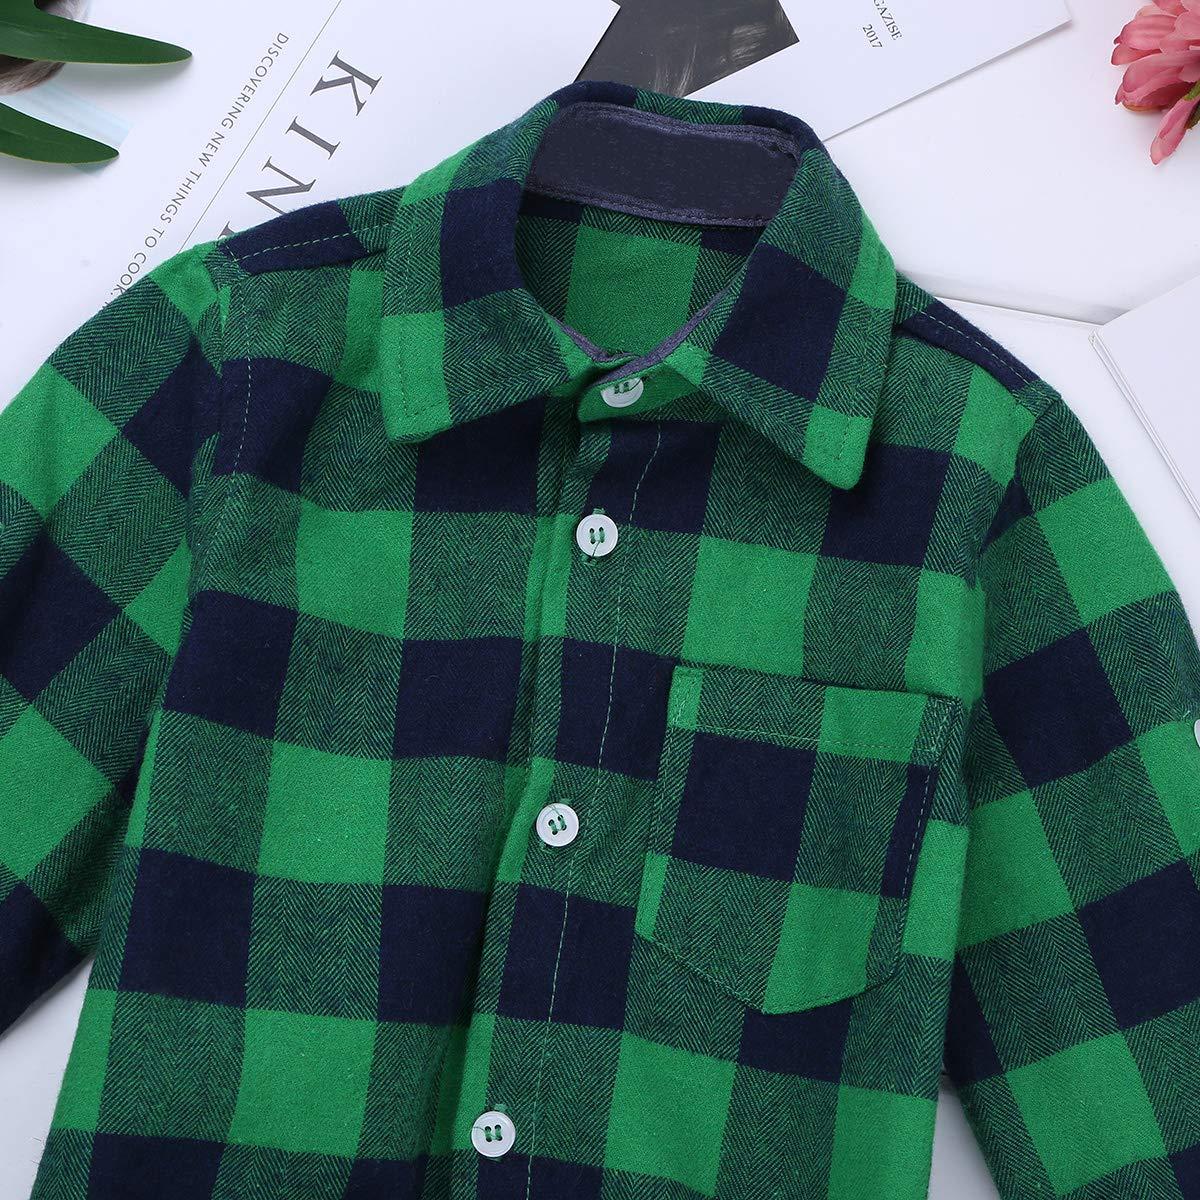 Freebily Chemise de Bapt/ême B/éb/é Gar/çon Fille Coton T-Shirt /à Carreaux Manches Courtes Boutons Combinaison B/éb/é Body Barboteuse de Soir/ée C/ér/émonie Grenouill/ères 9-24 Mois